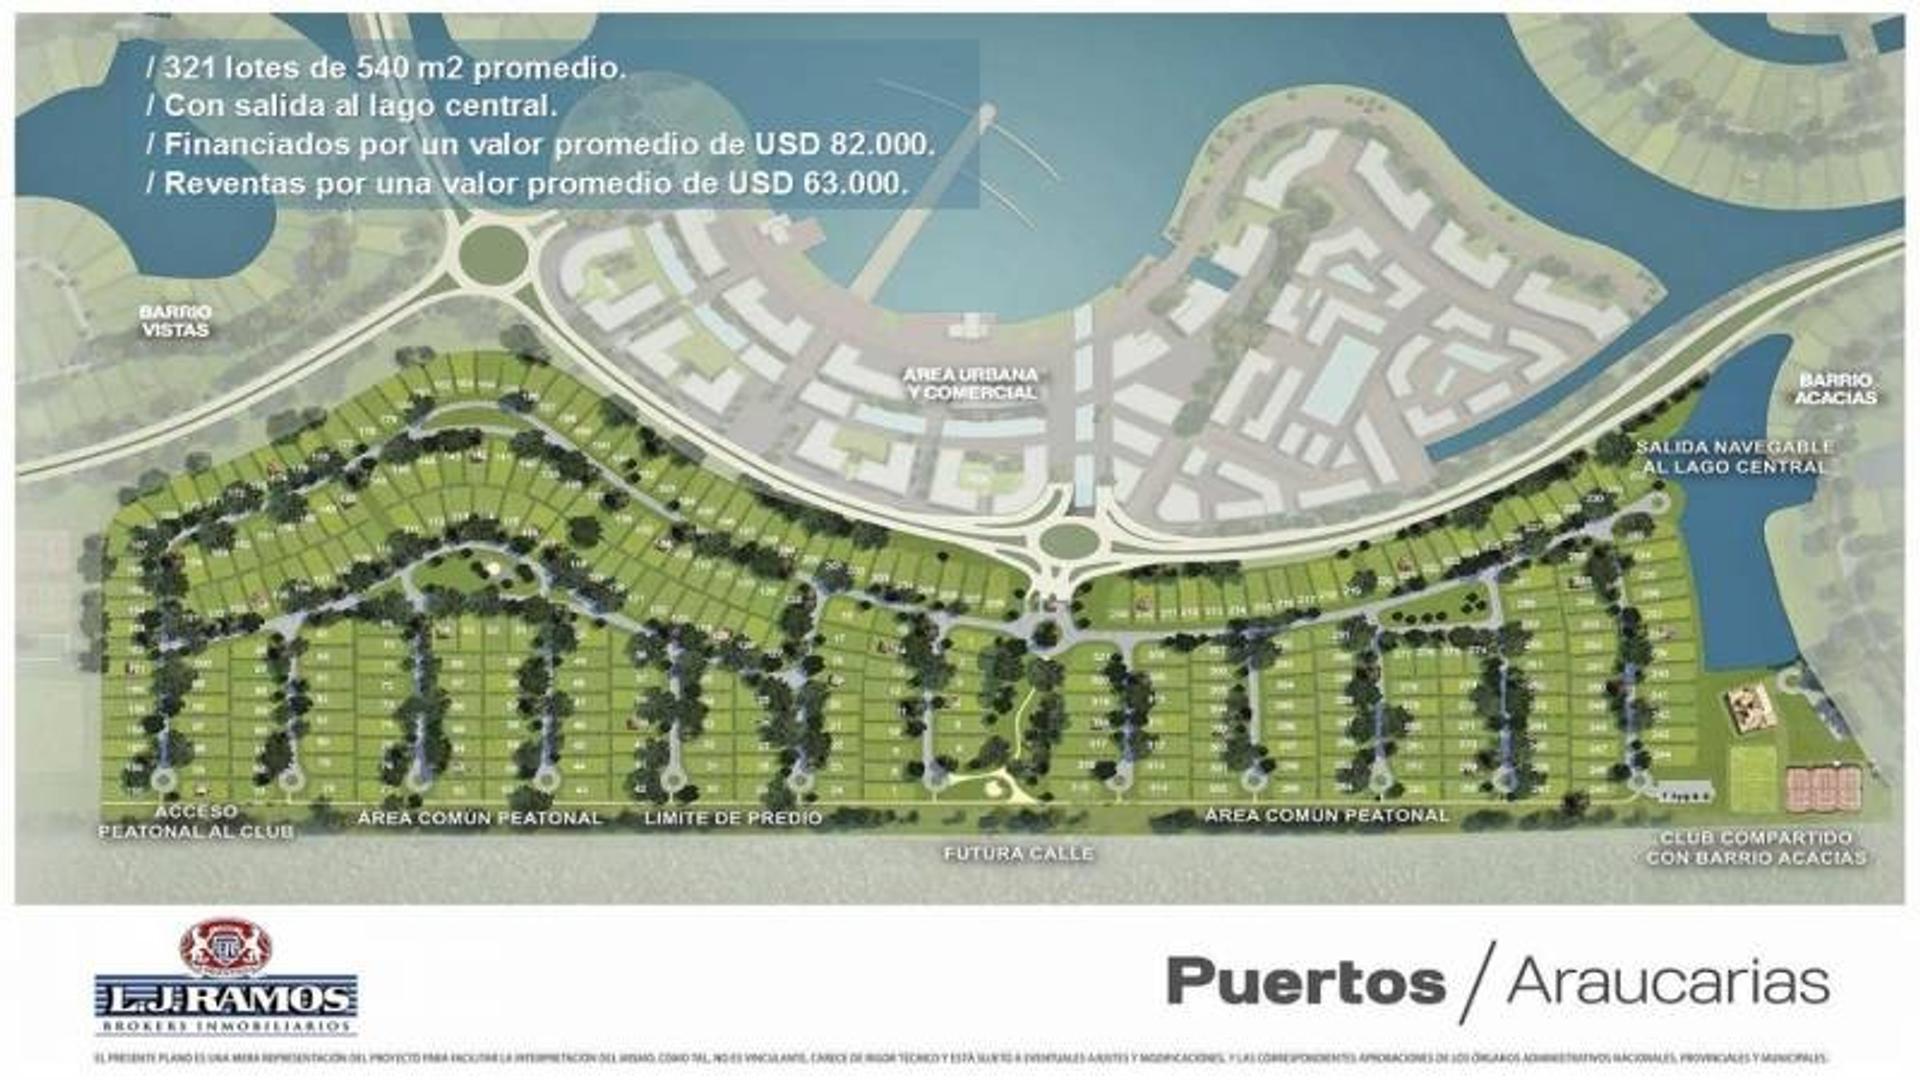 PUERTOS - BARRIO ARAUCAURIAS - RAMAL ESCOBAR KM 45 - LOTE 154 - 100